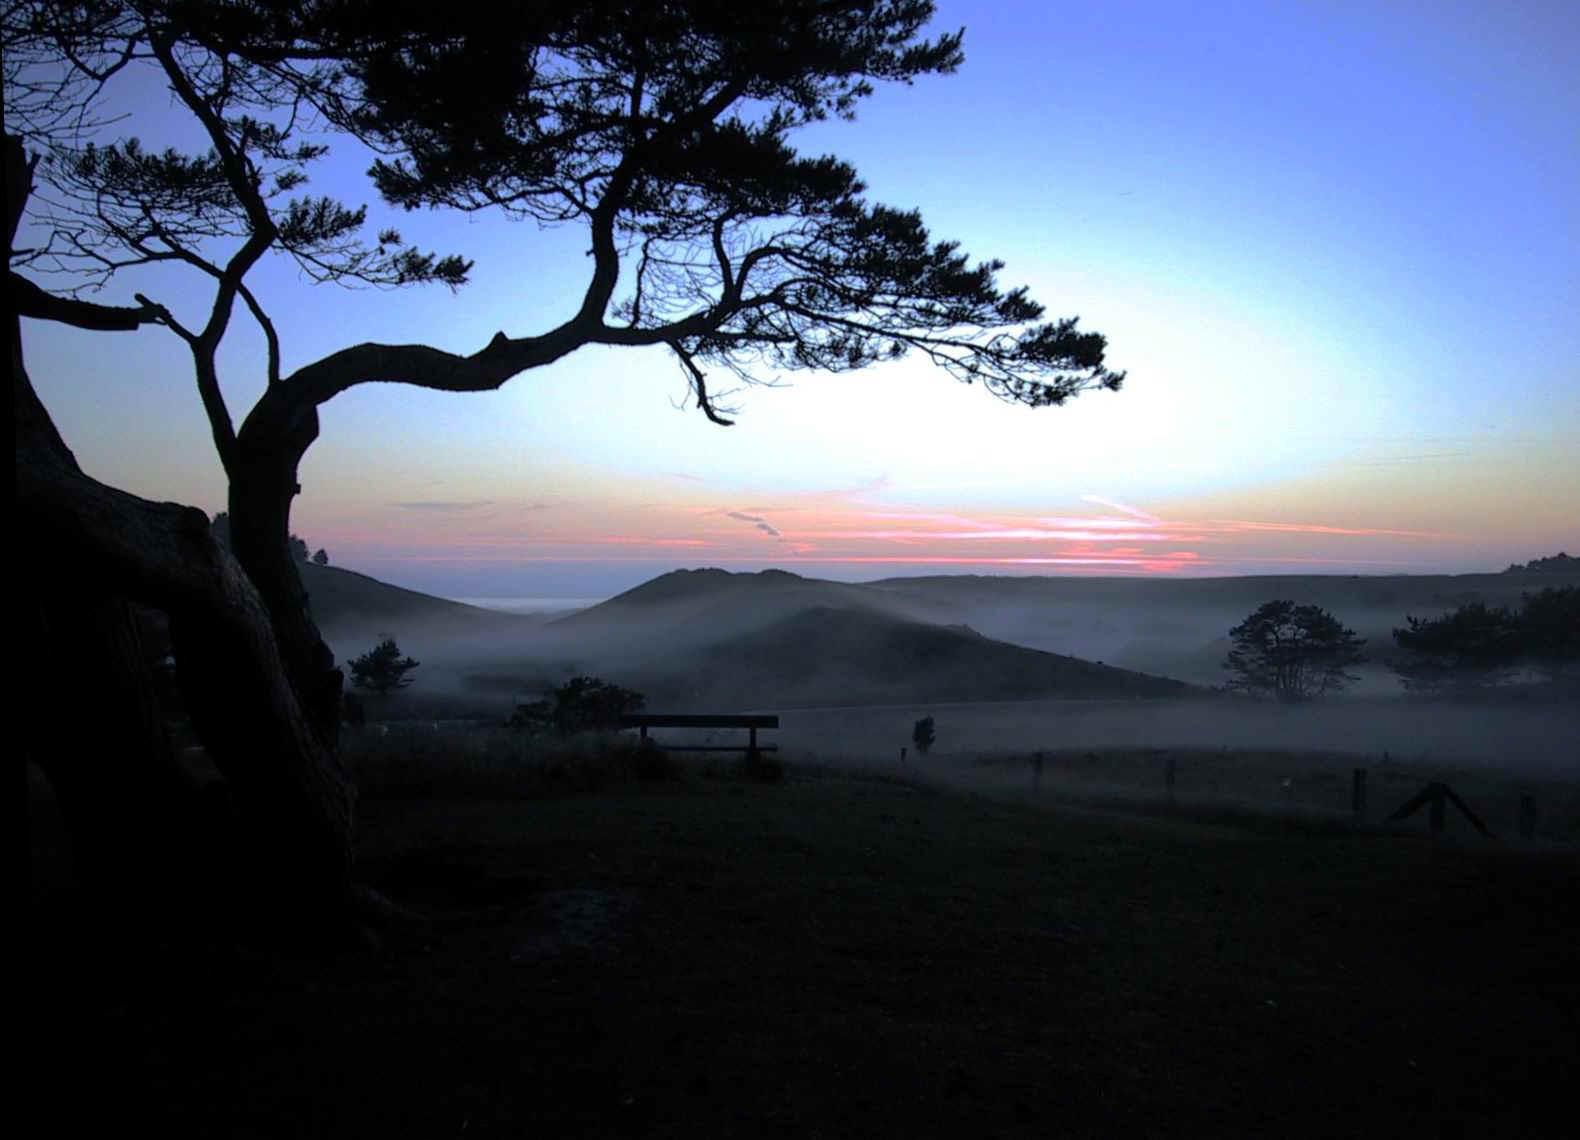 heatherhill